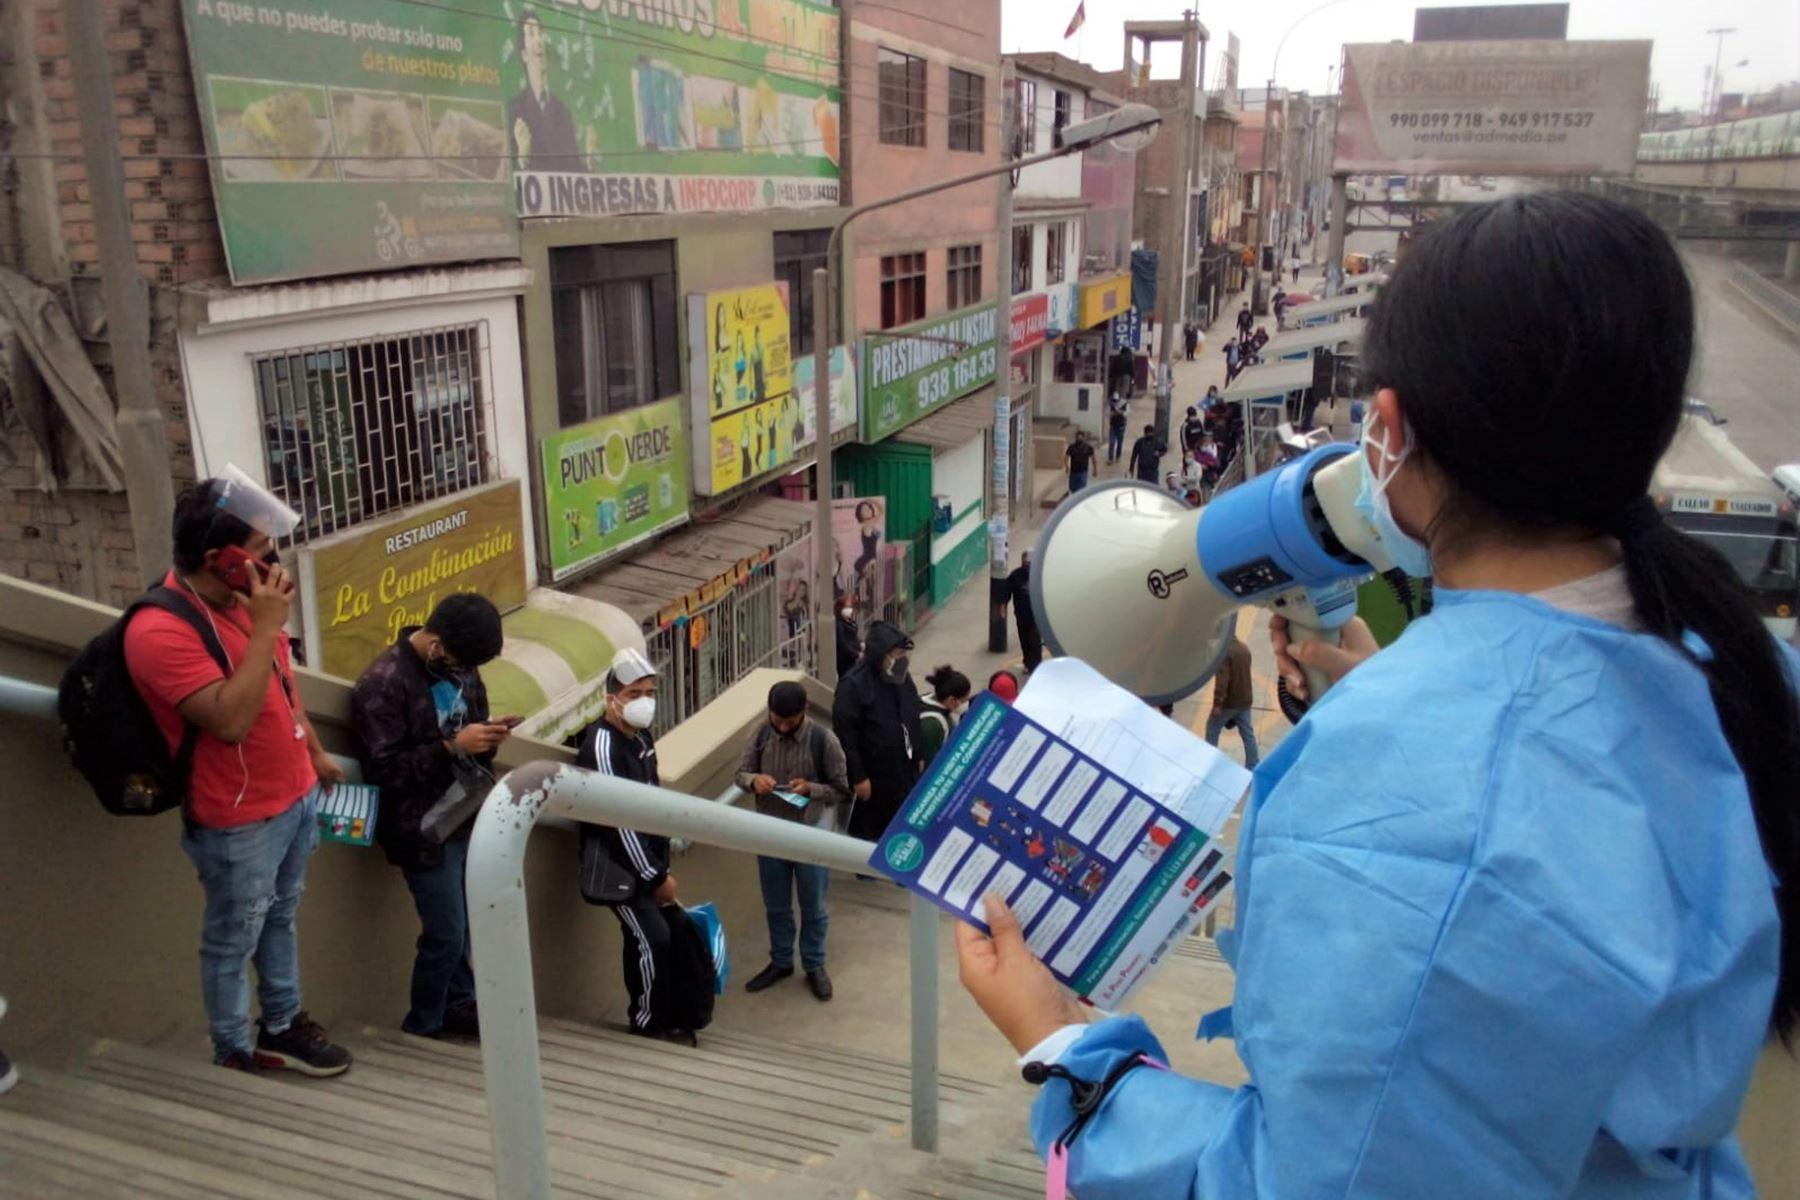 Esta mañana, la DIRIS Lima Sur brindó mensajes educativos a los usuarios de la Línea 1 en la estación Atocongo, para prevenir el contagio del covid-19 en el transporte público, como distanciamiento social y uso correcto de mascarilla y protector facial. Foto: Diris Lima Sur